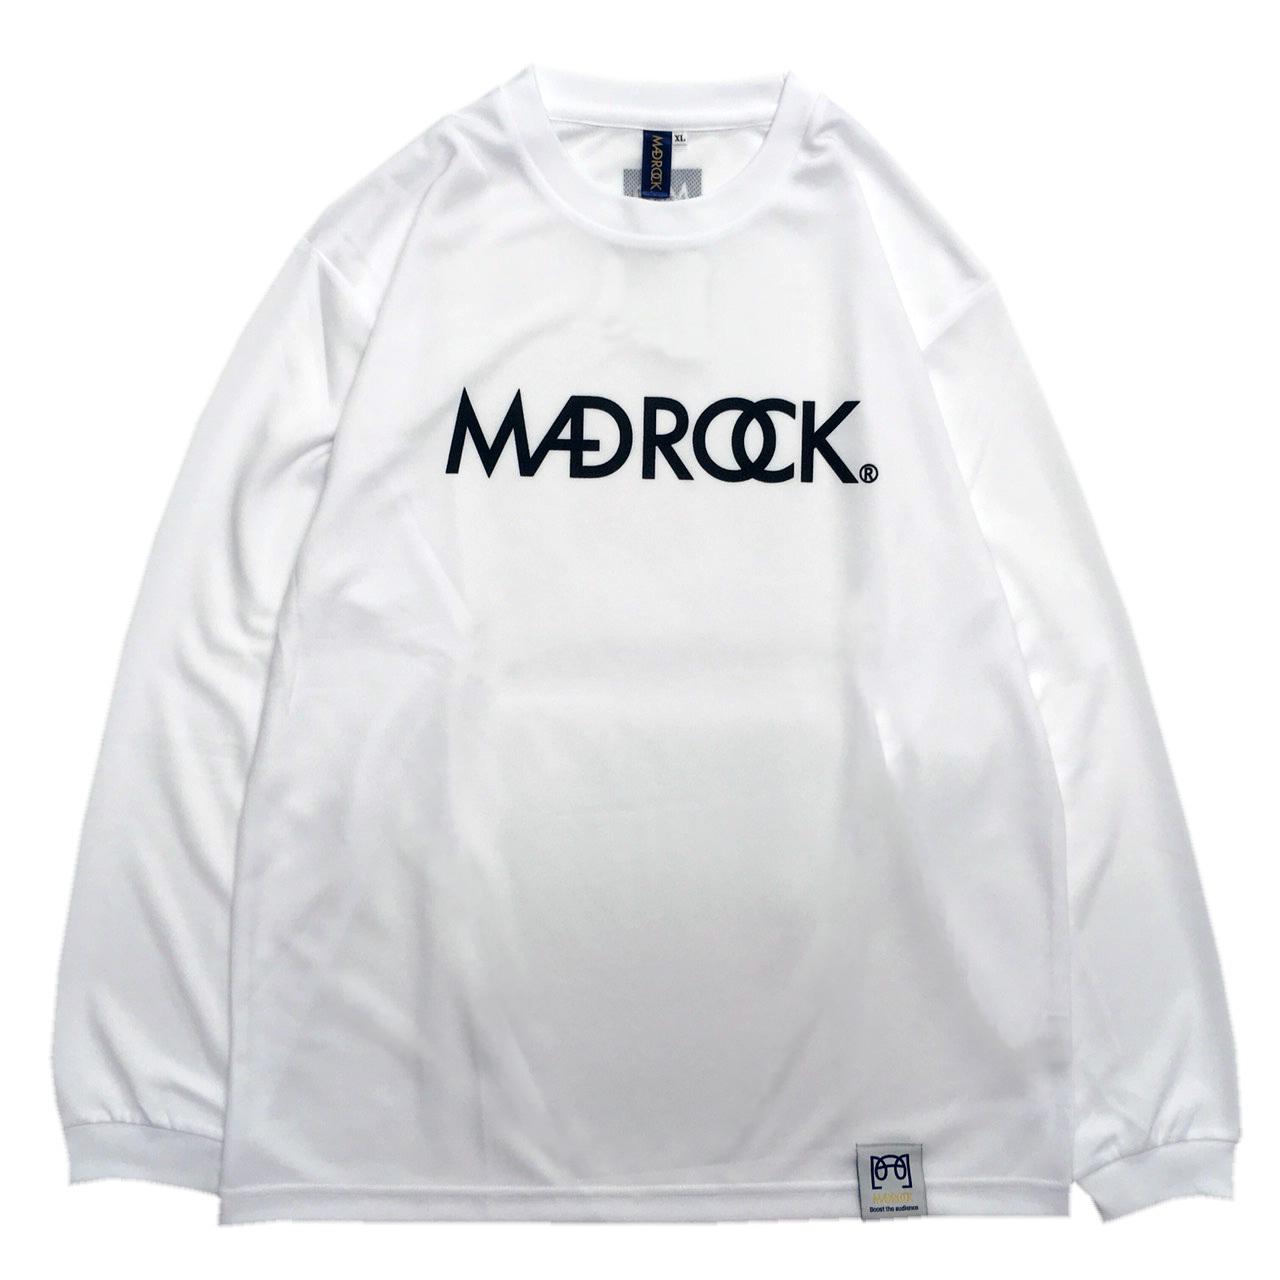 【再入荷】マッドロック / ロゴ ロンT / ドライタイプ / ホワイト&ブラック